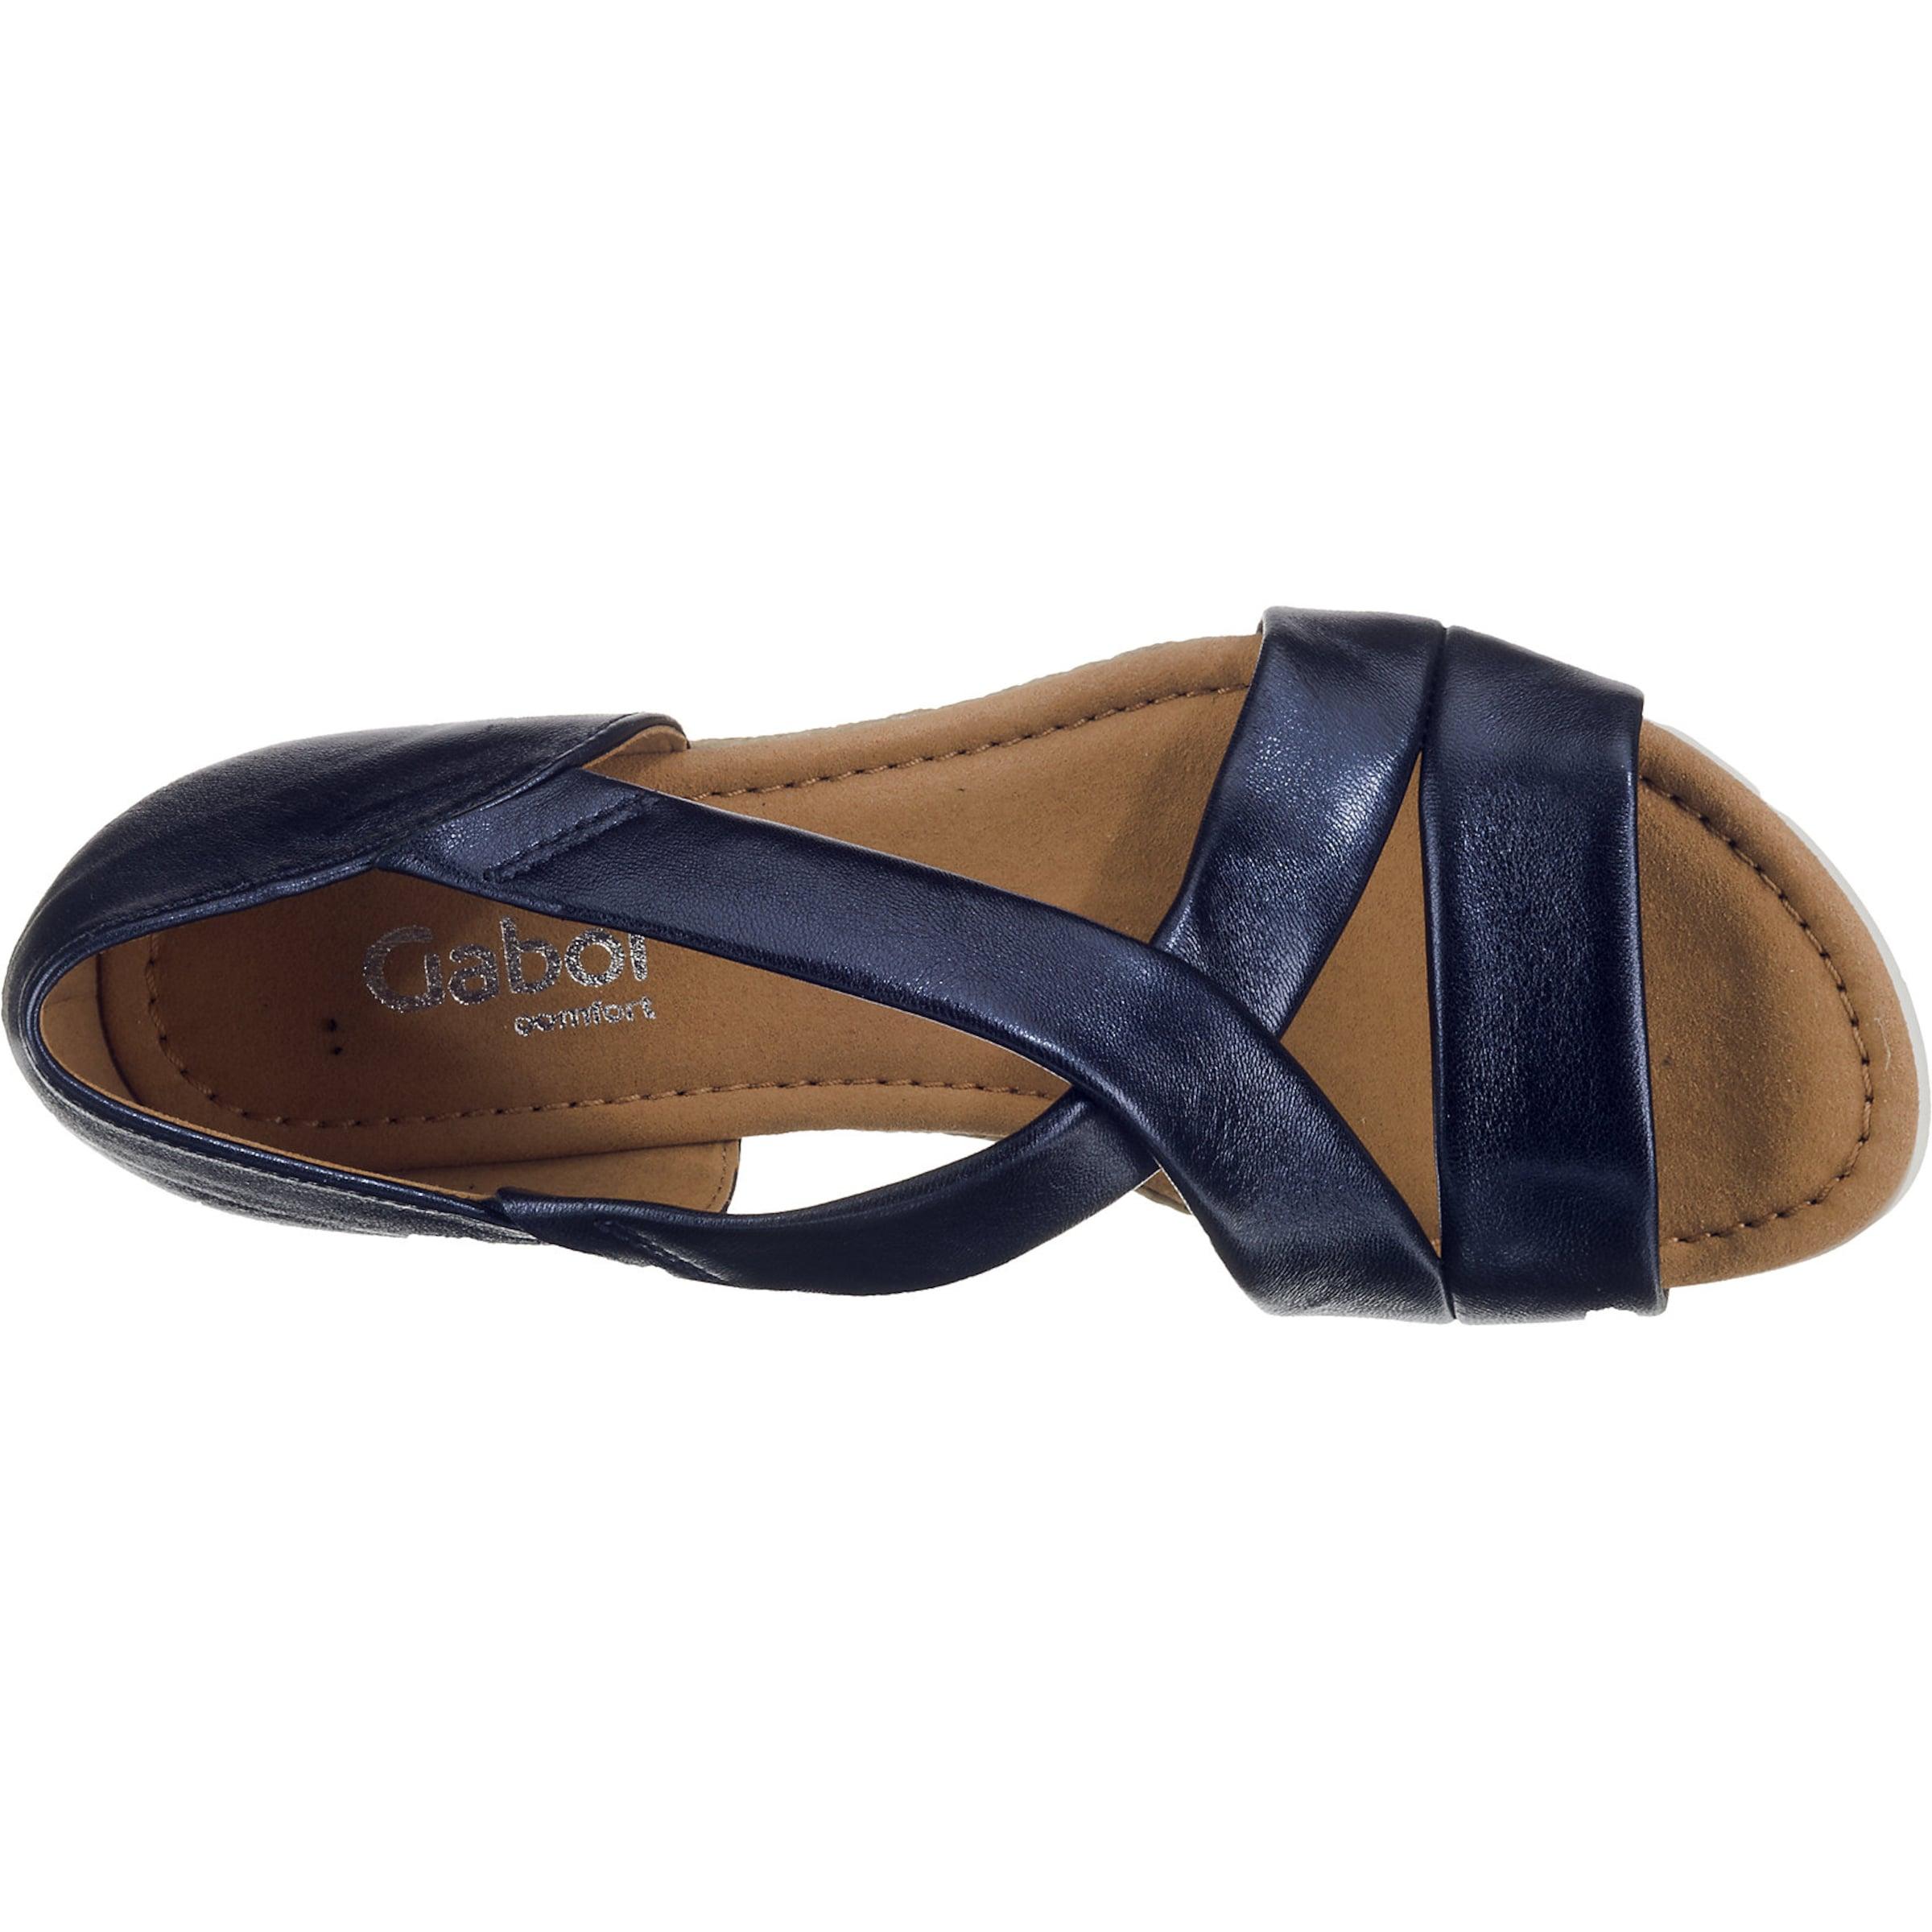 Gabor Sandaletten Weiß BeigeDunkelblau In Gabor xrCdeoBW